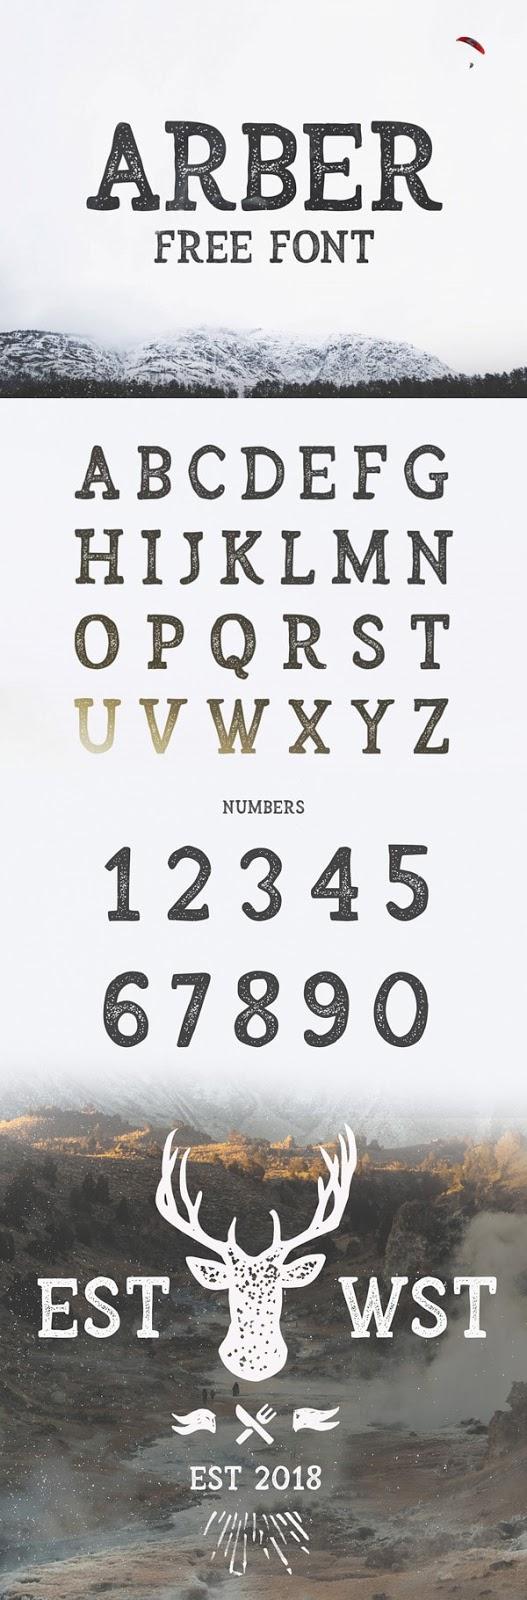 Vintage Font Gratis Terbaik - Arber Free Vintage Font